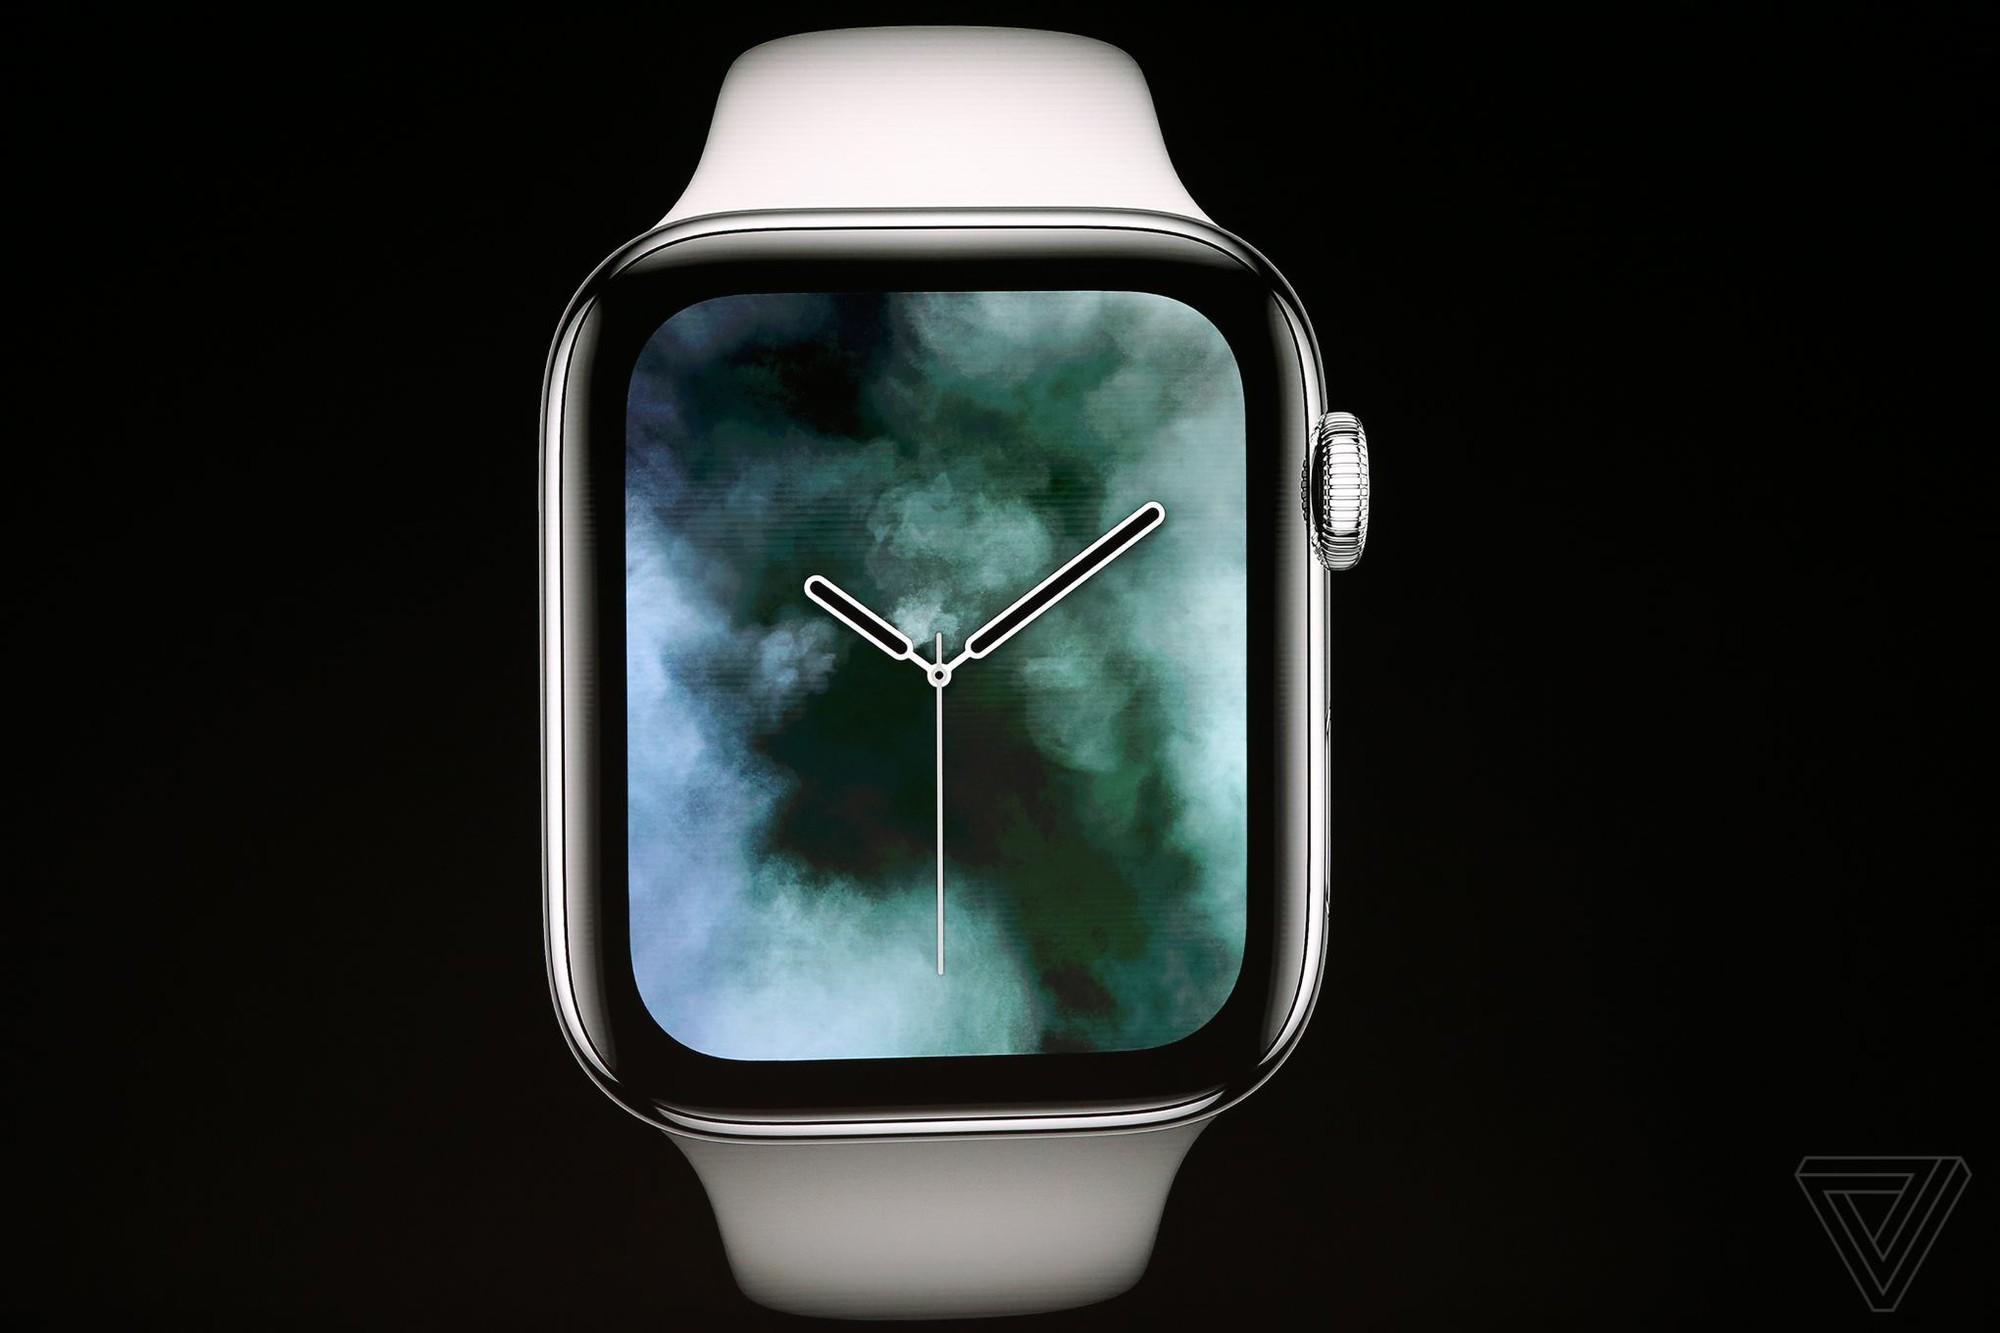 Làng nước nhìn đi, màn Apple Watch đẹp thế này thì có đáng mua không? - Ảnh 3.